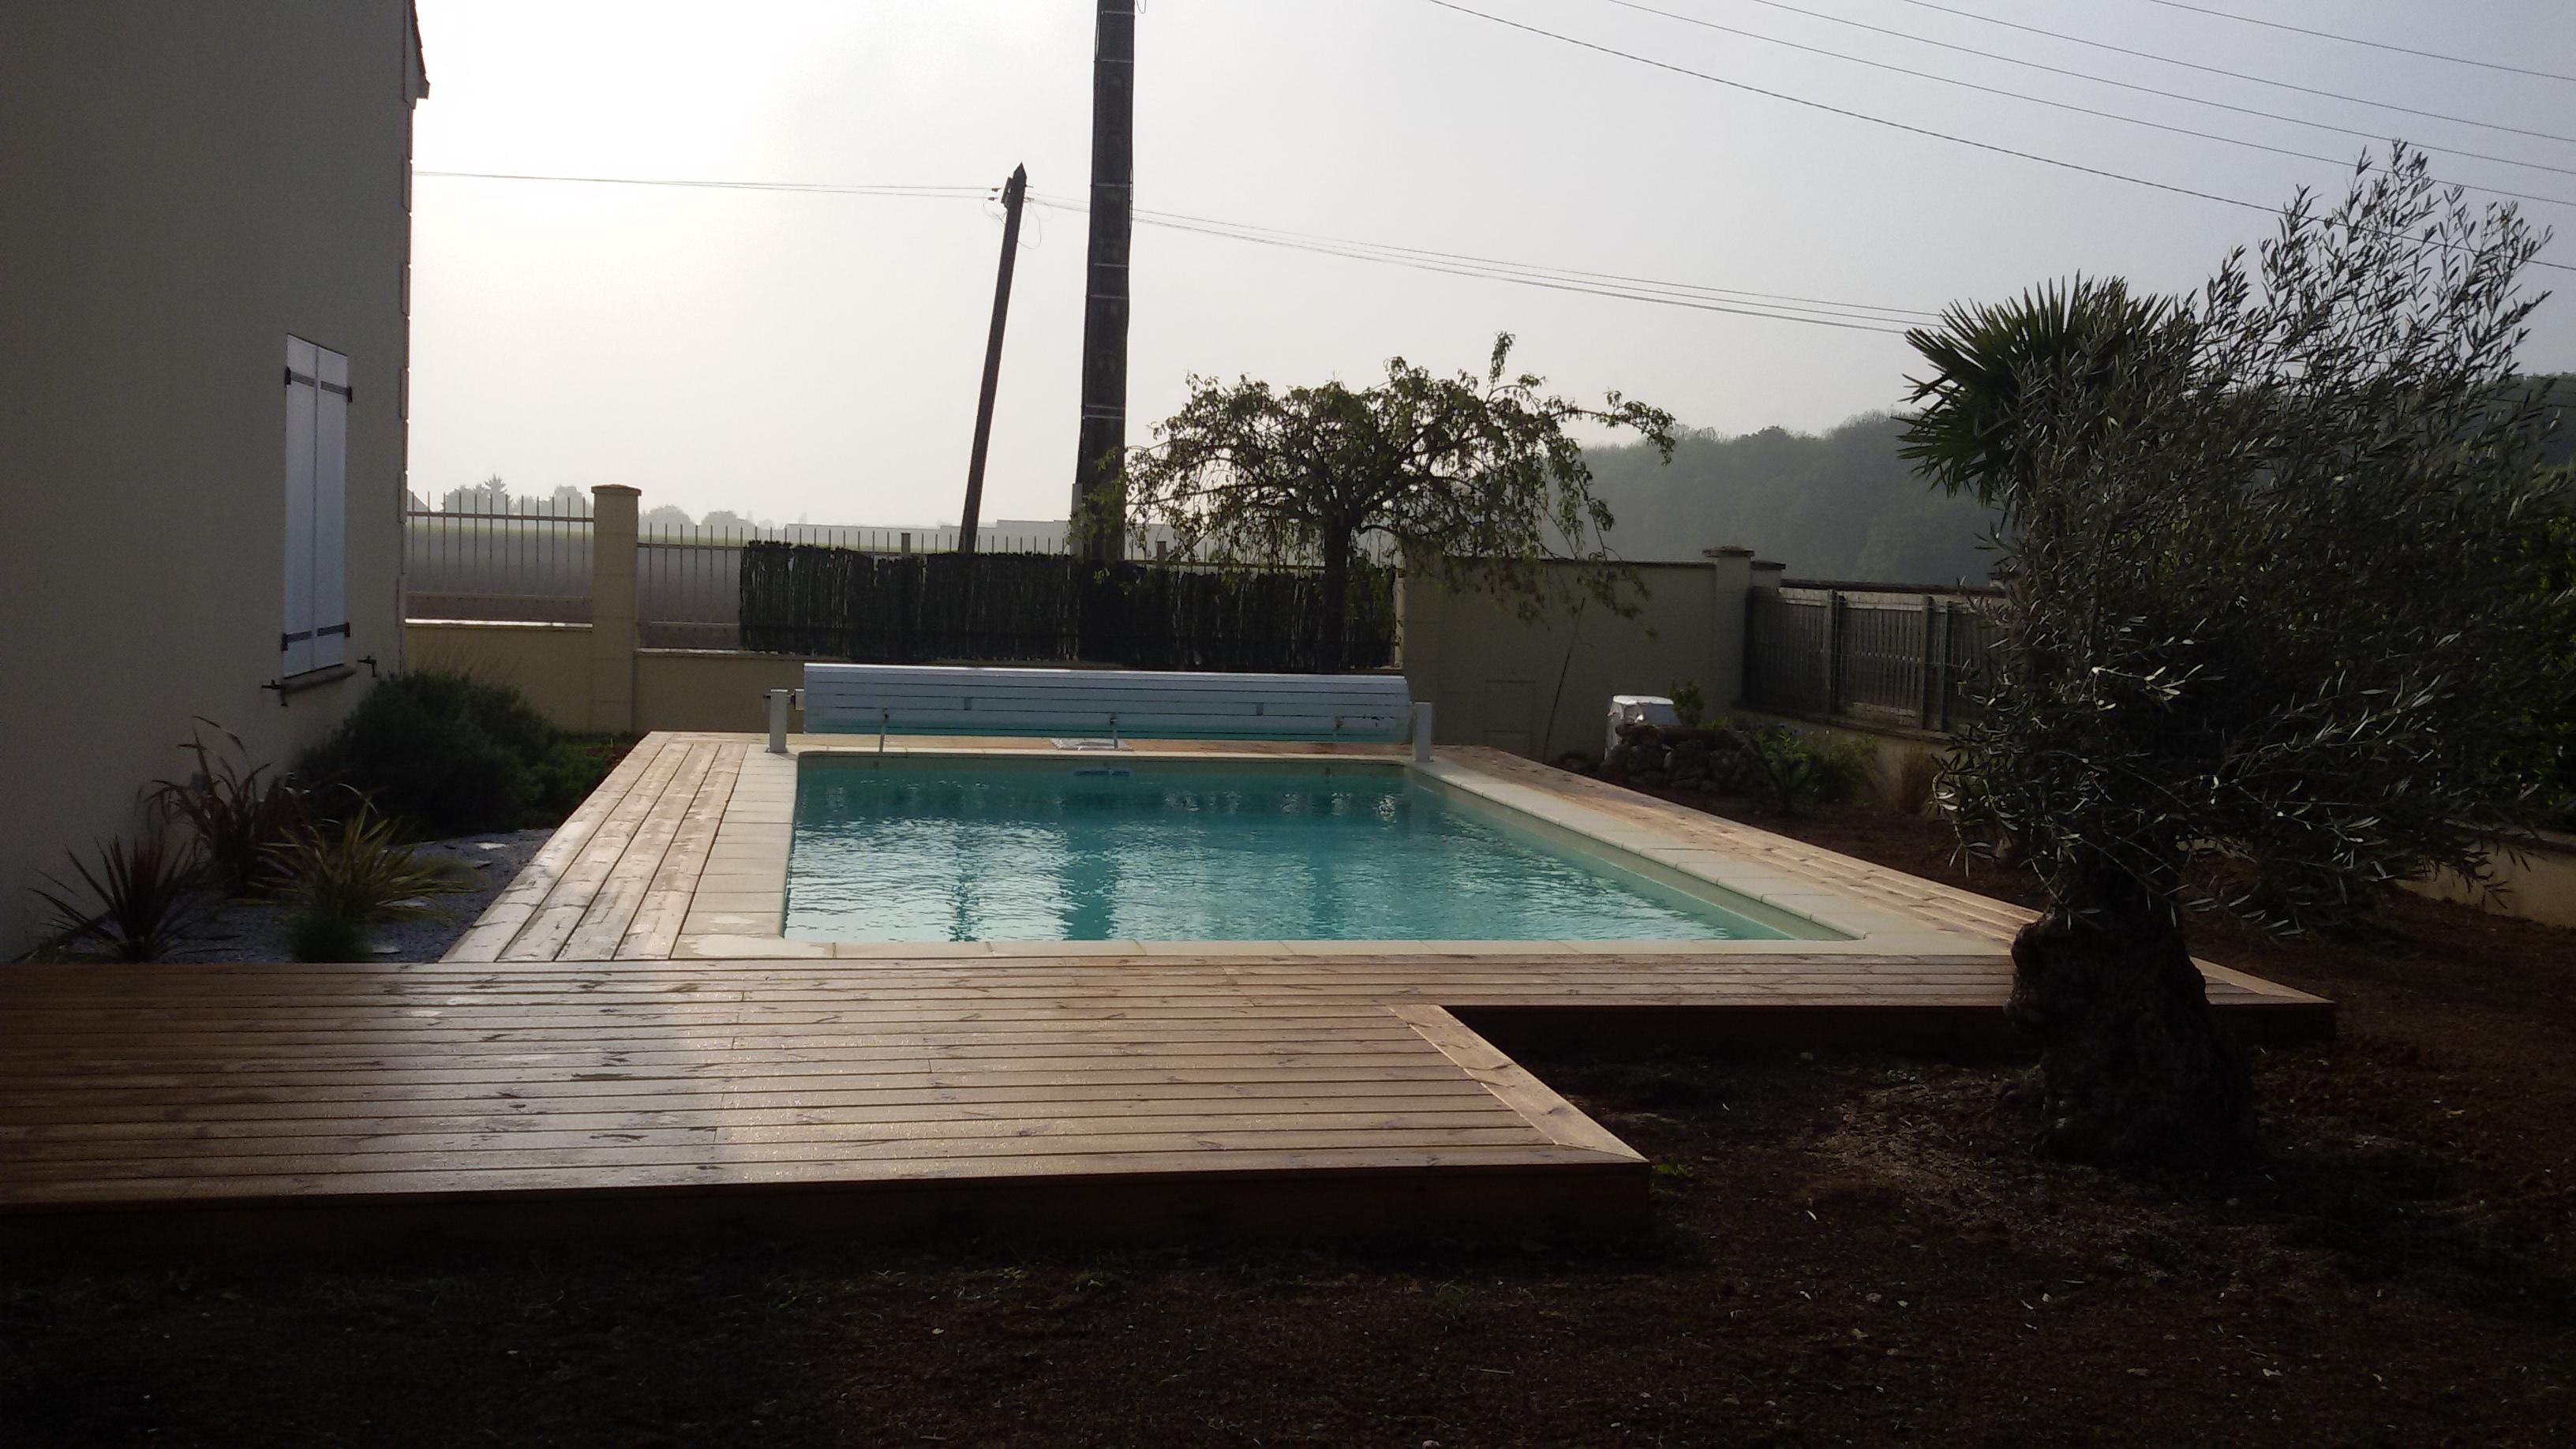 Aqua jardin tout pour l 39 eau construit r nove piscine for Aqua bois piscine